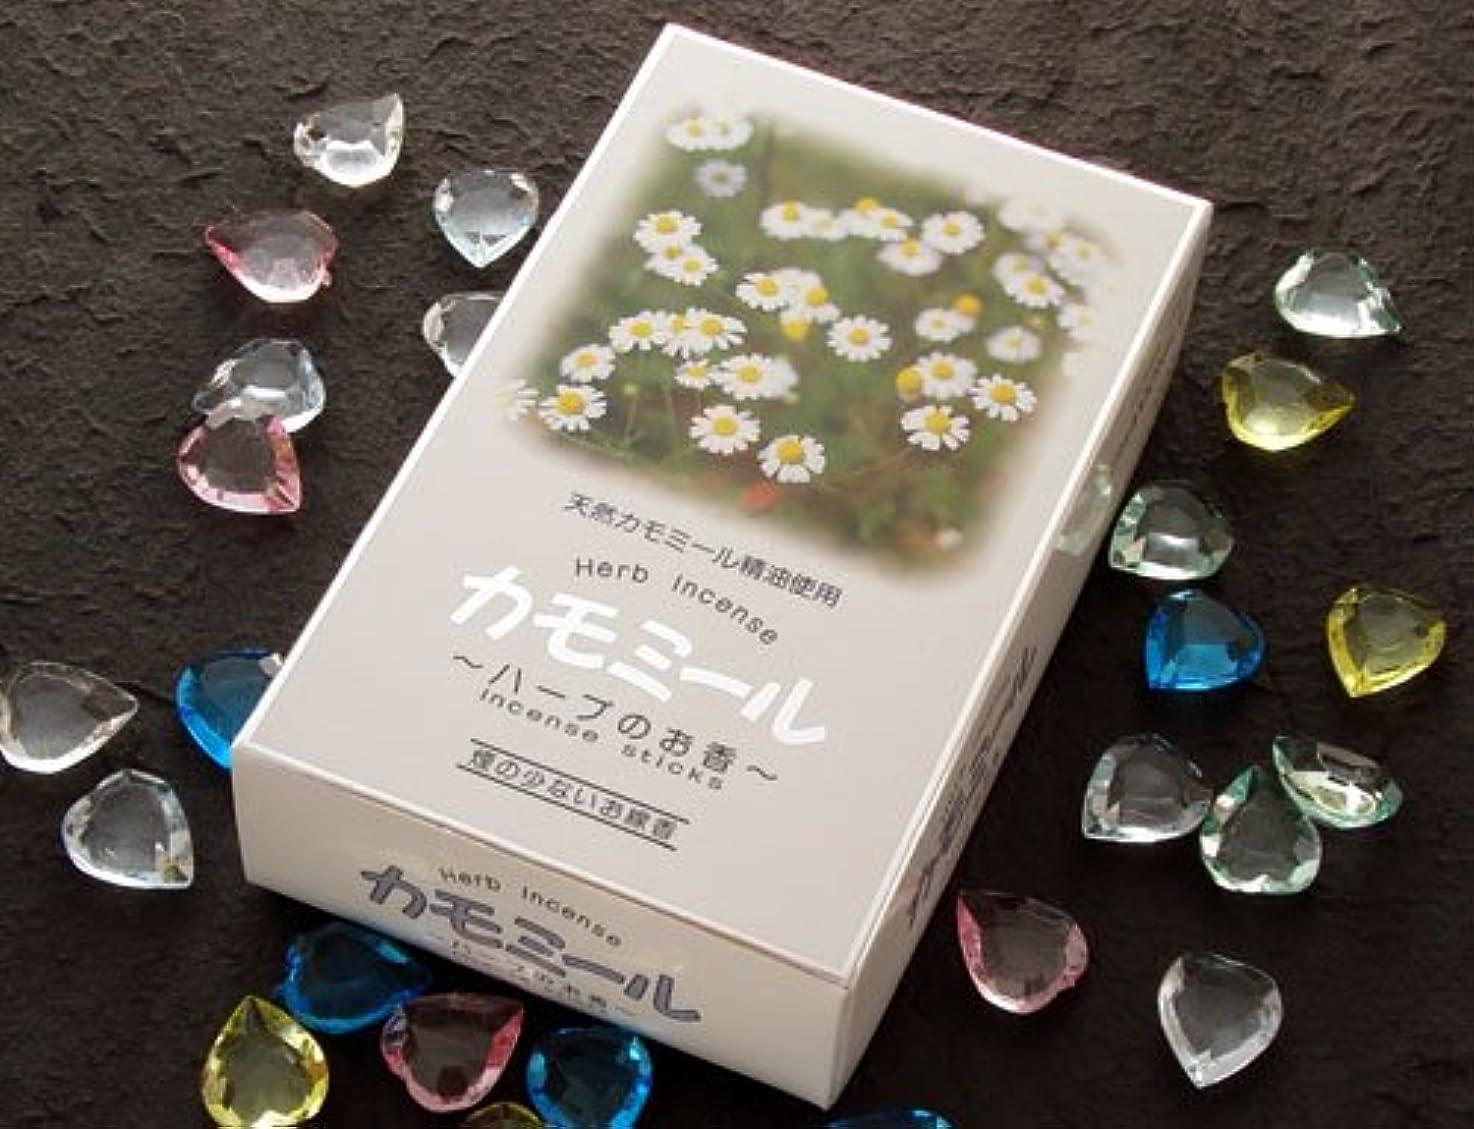 結婚する試み非常に怒っています【微煙タイプ】天然カモミール精油使用 「カモミール ハーブのお香」大バラ 奥野晴明堂